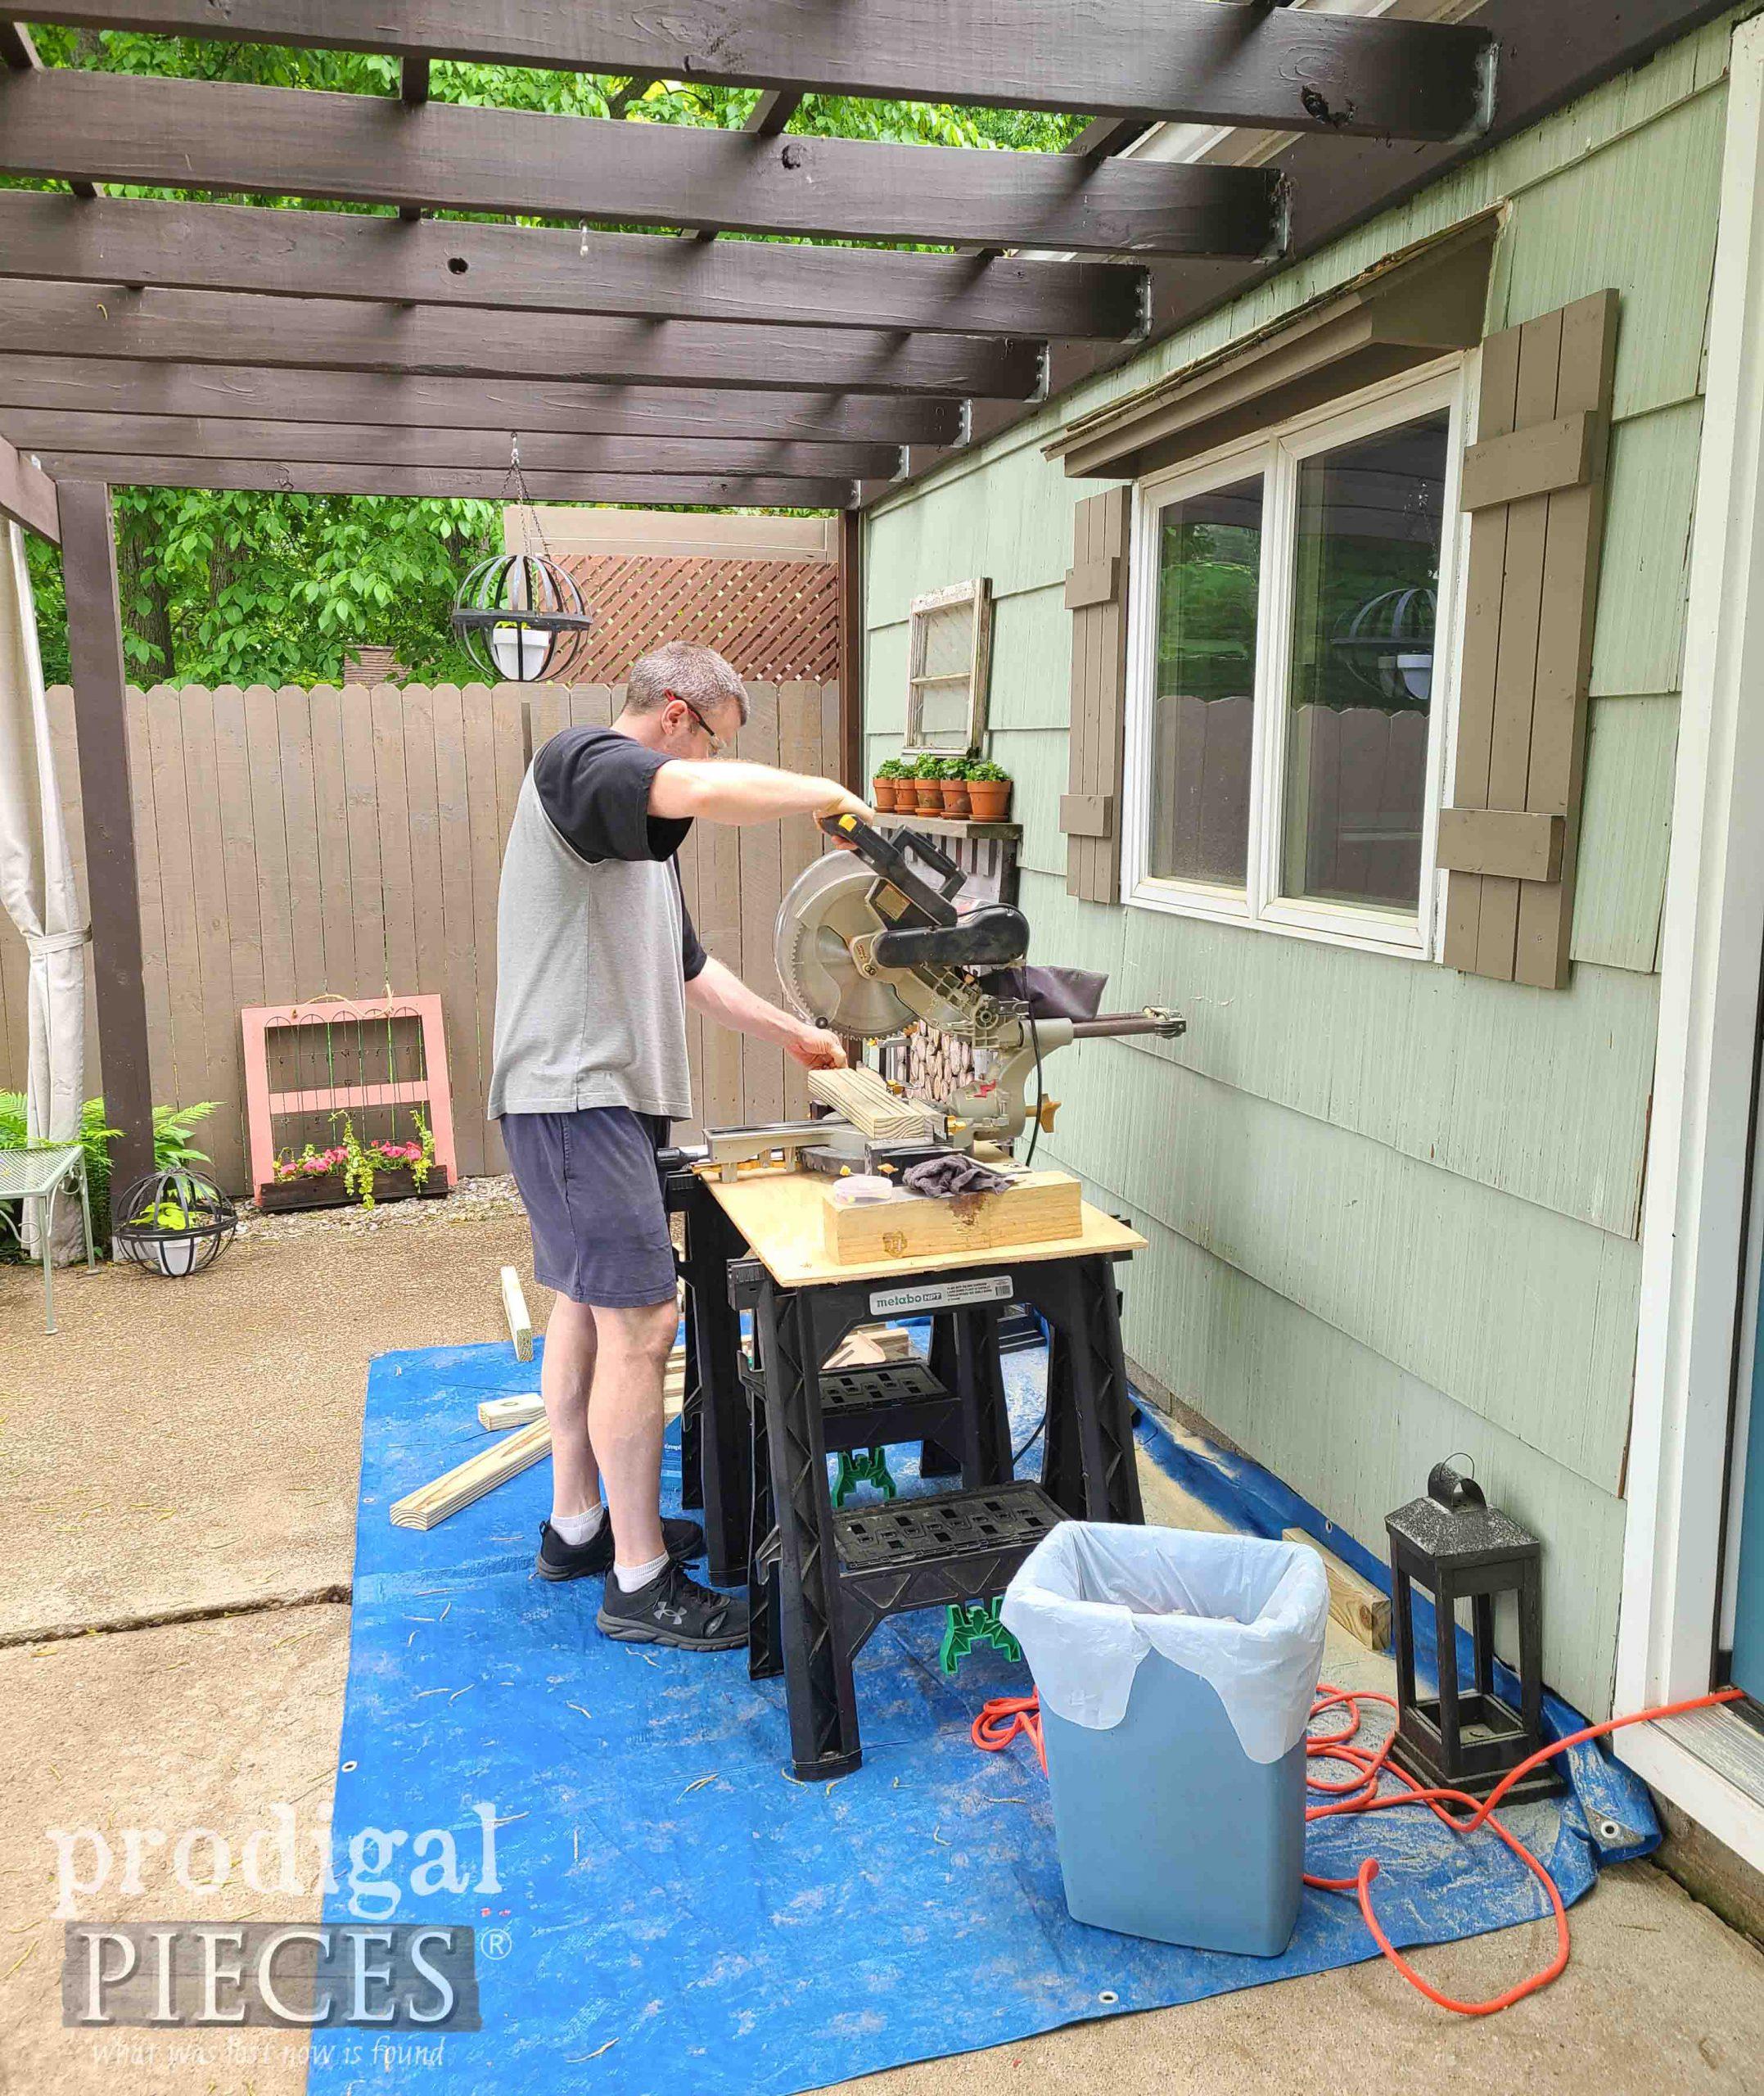 Cutting DIY Patio Sectional Lumber | prodigalpieces.com